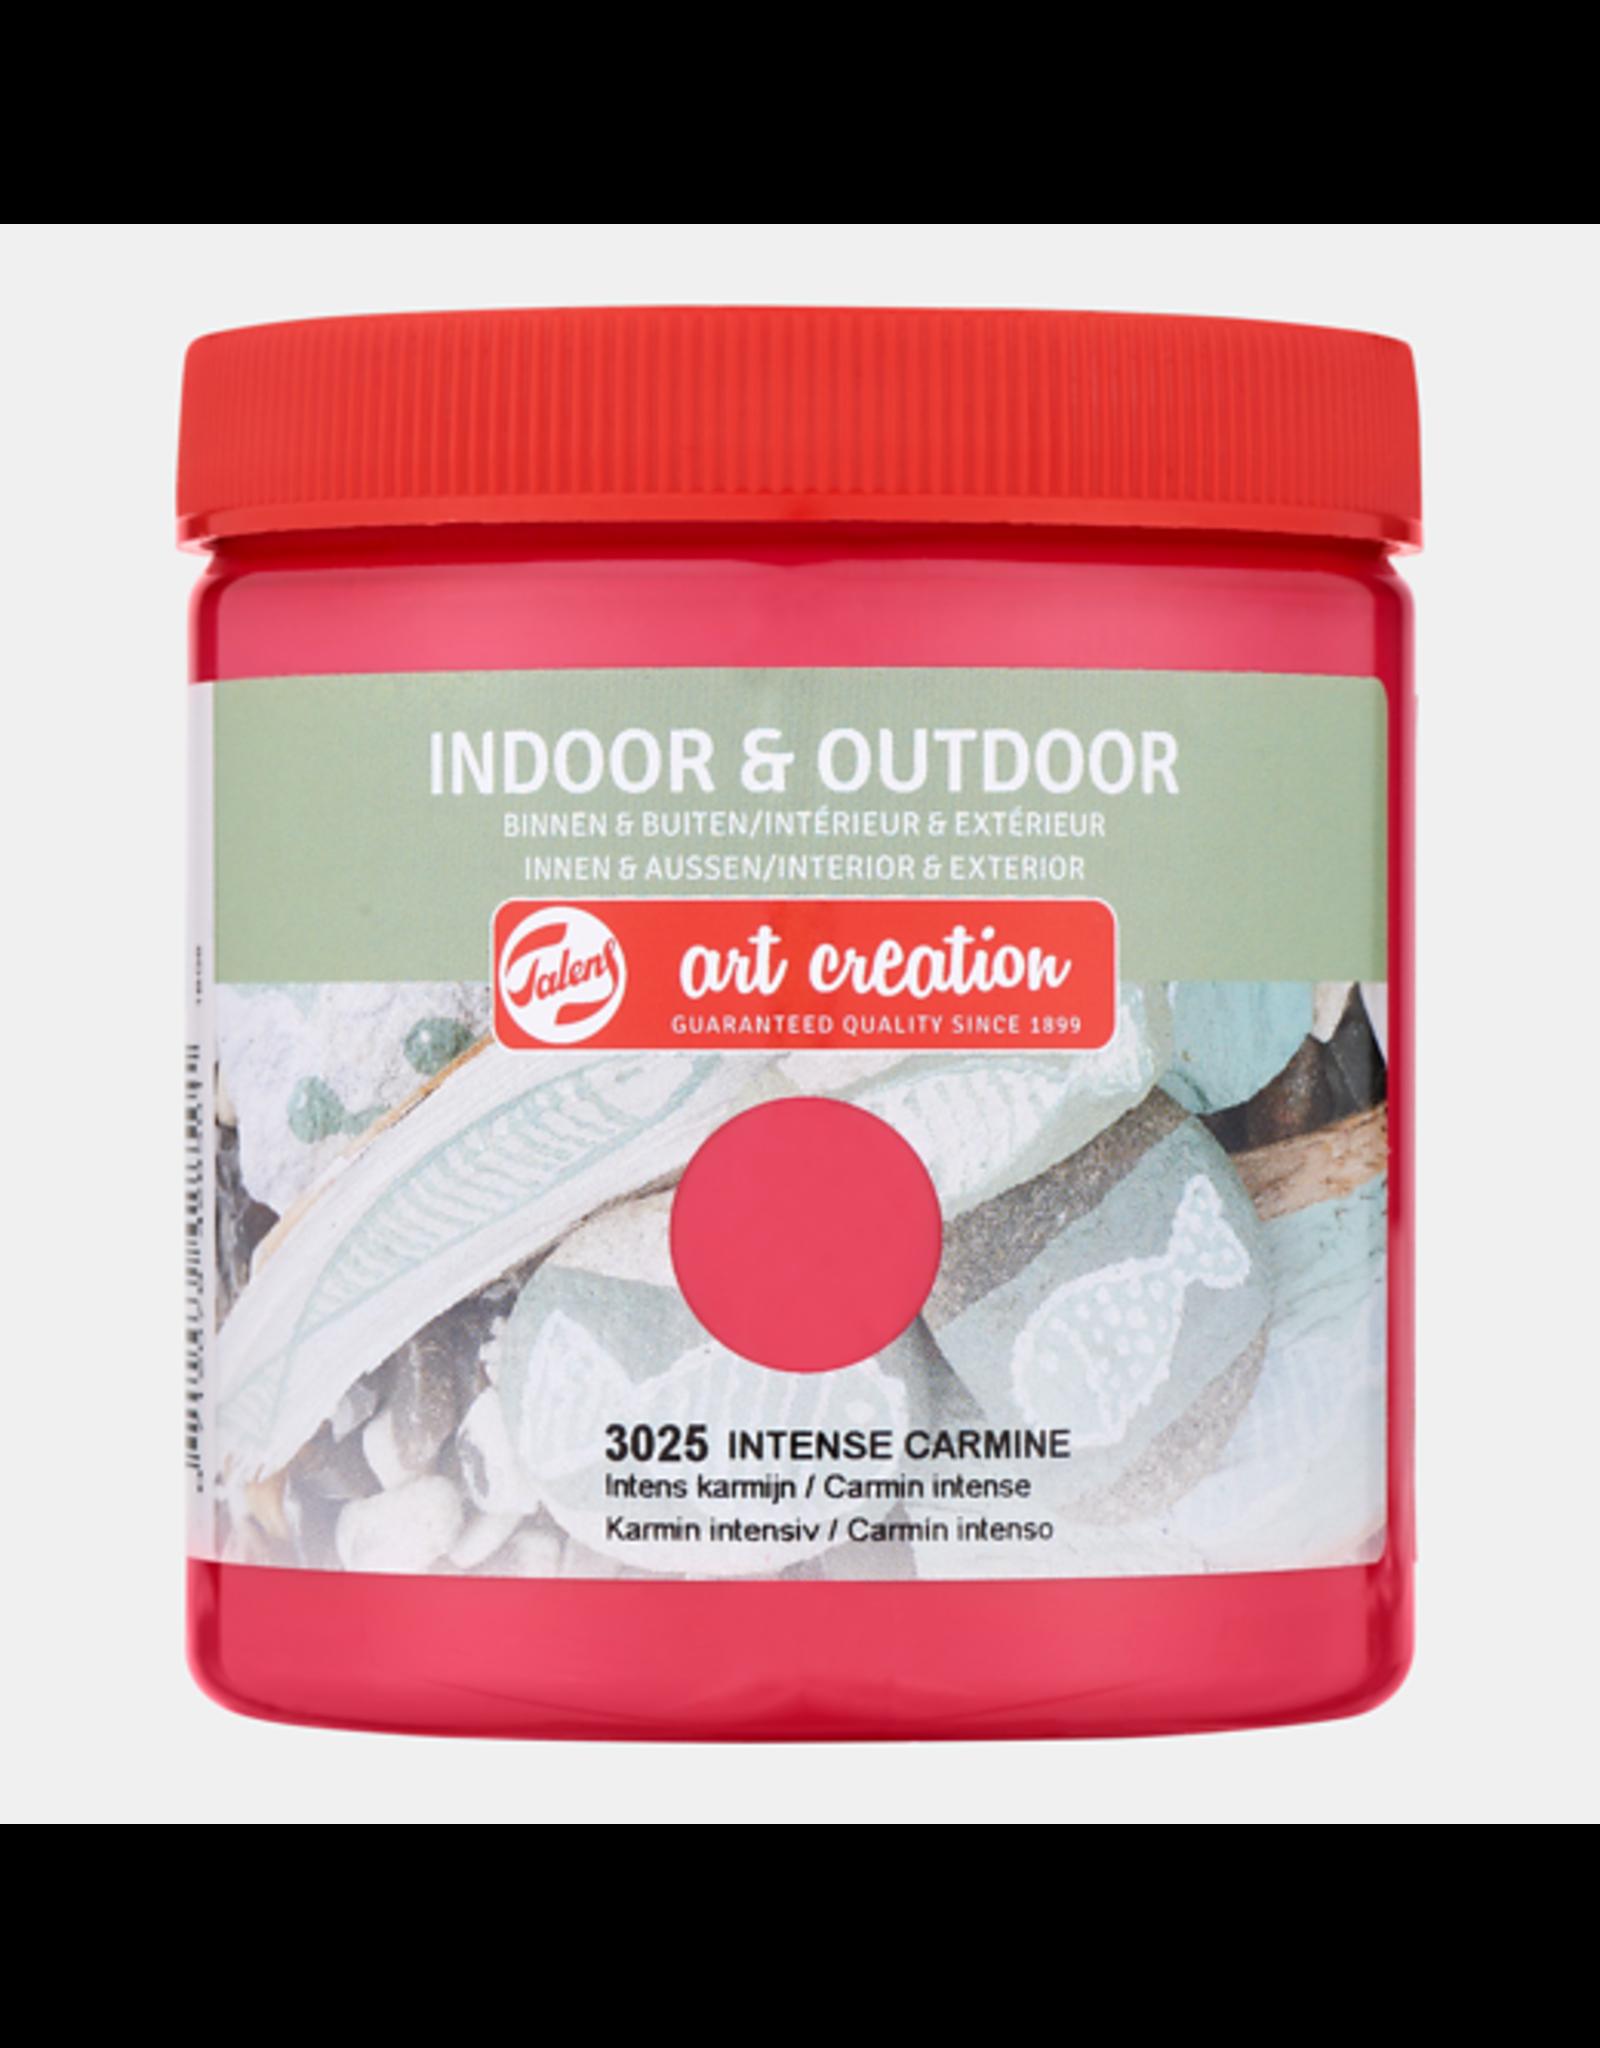 Art creation Intens karmijn - Indoor & Outdoor - 250 ml